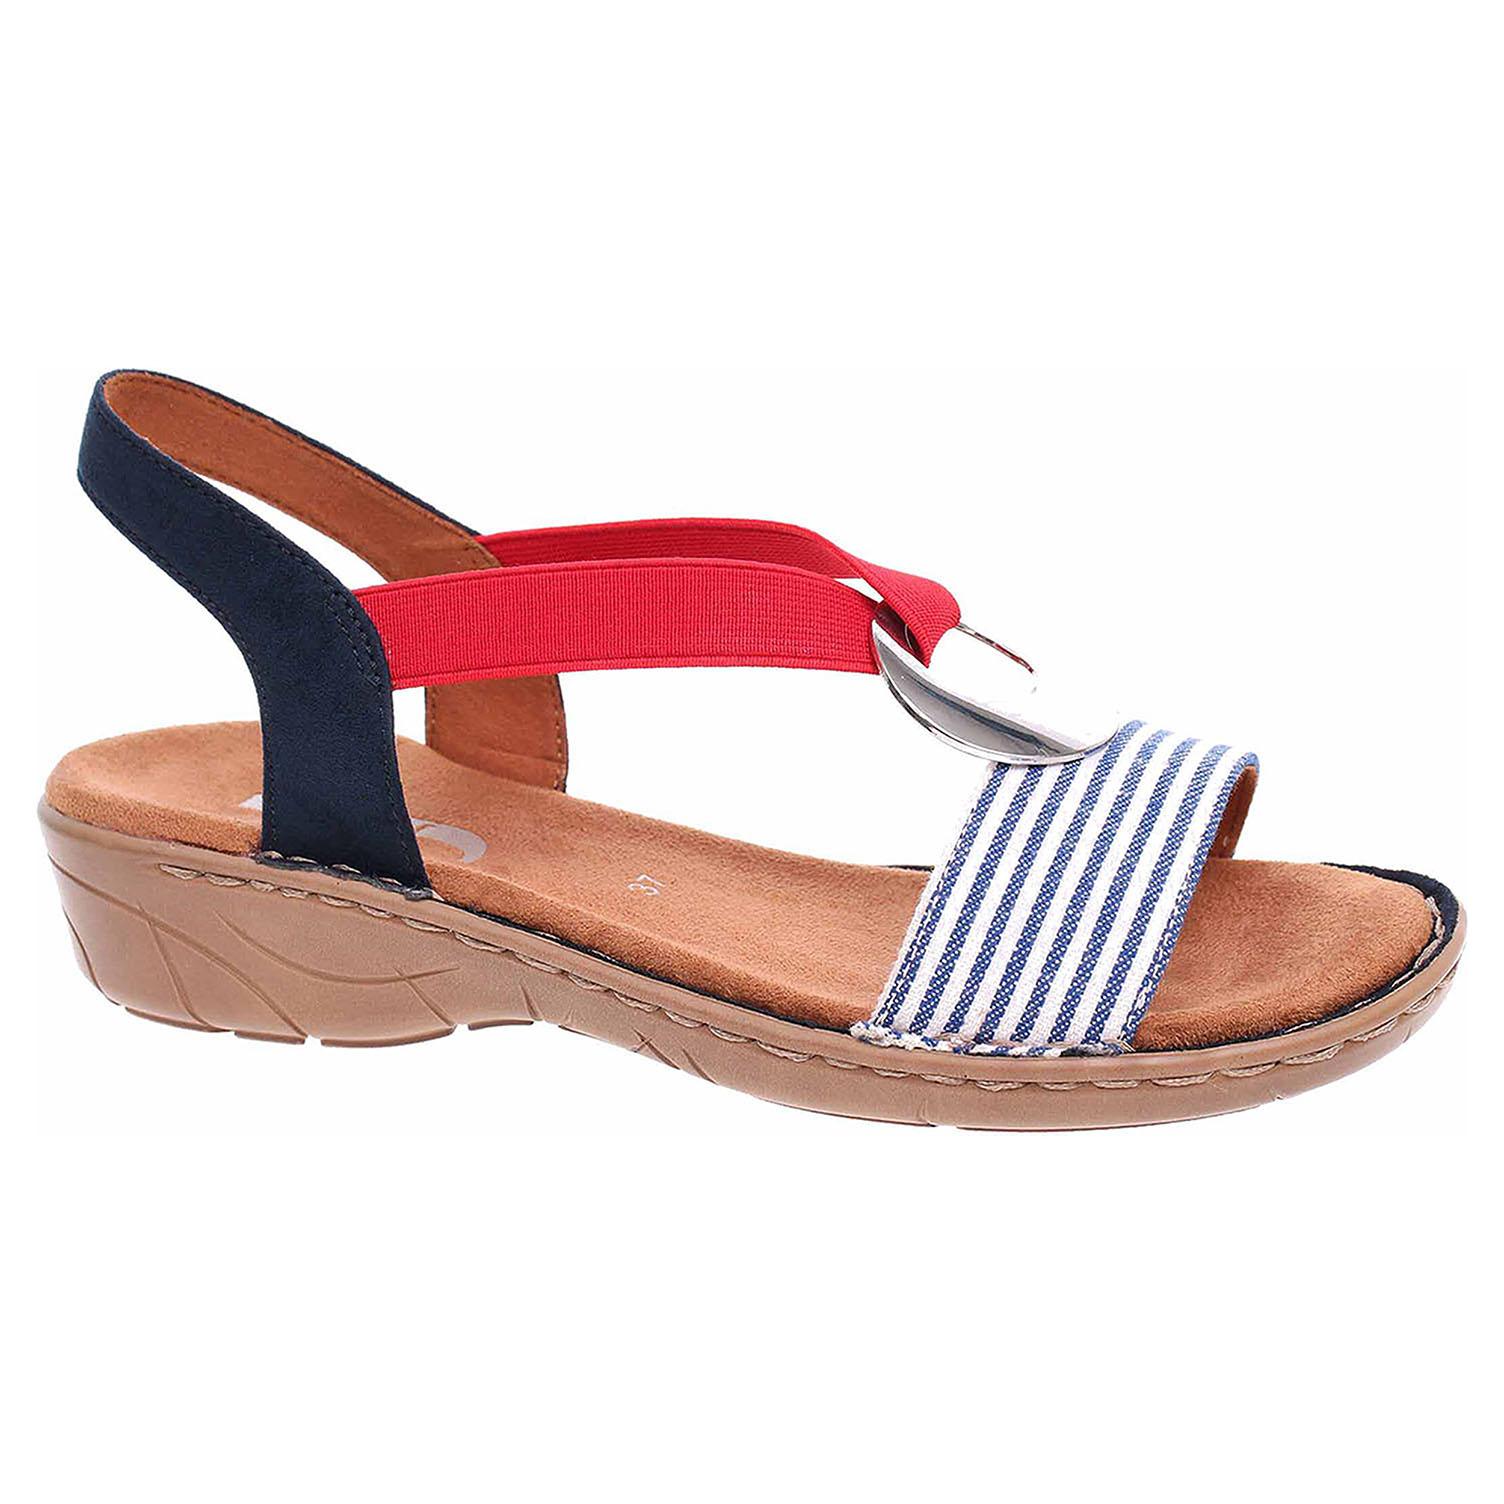 d5a028244d Ecco Dámské sandály Ara 22-57264-75 navy-blau 23801483